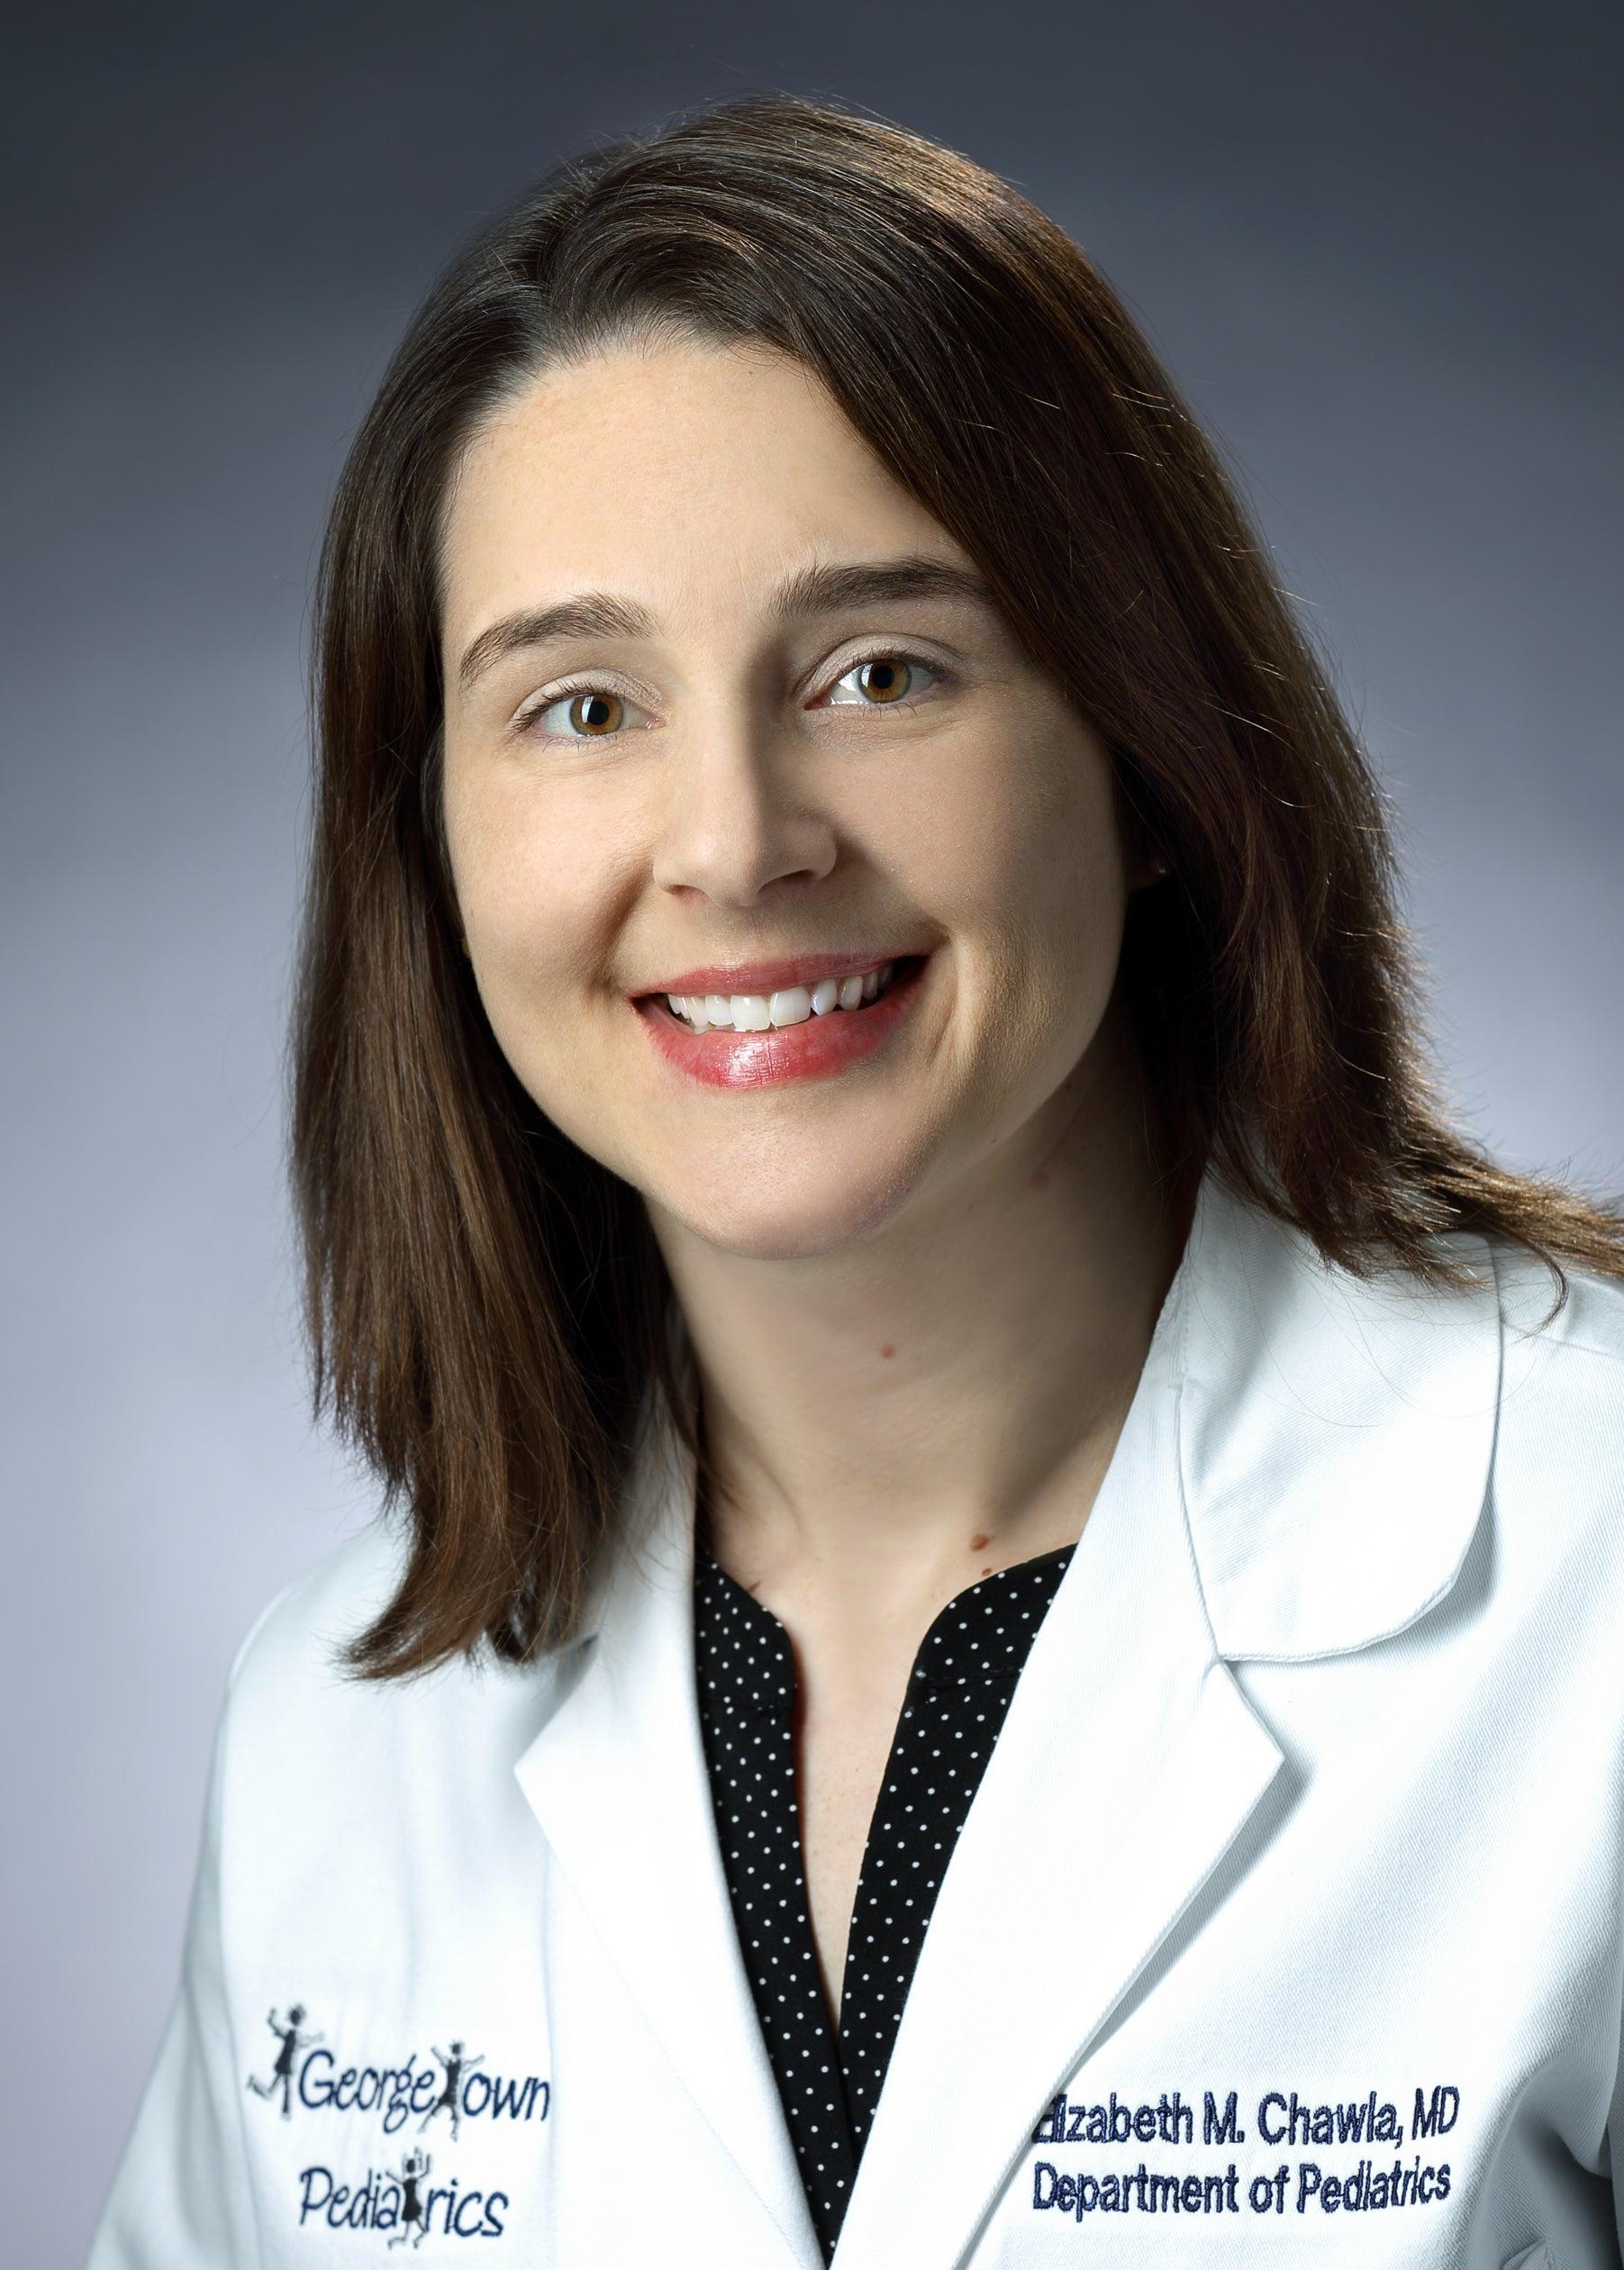 Elizabeth Chawla, MD, FAAP